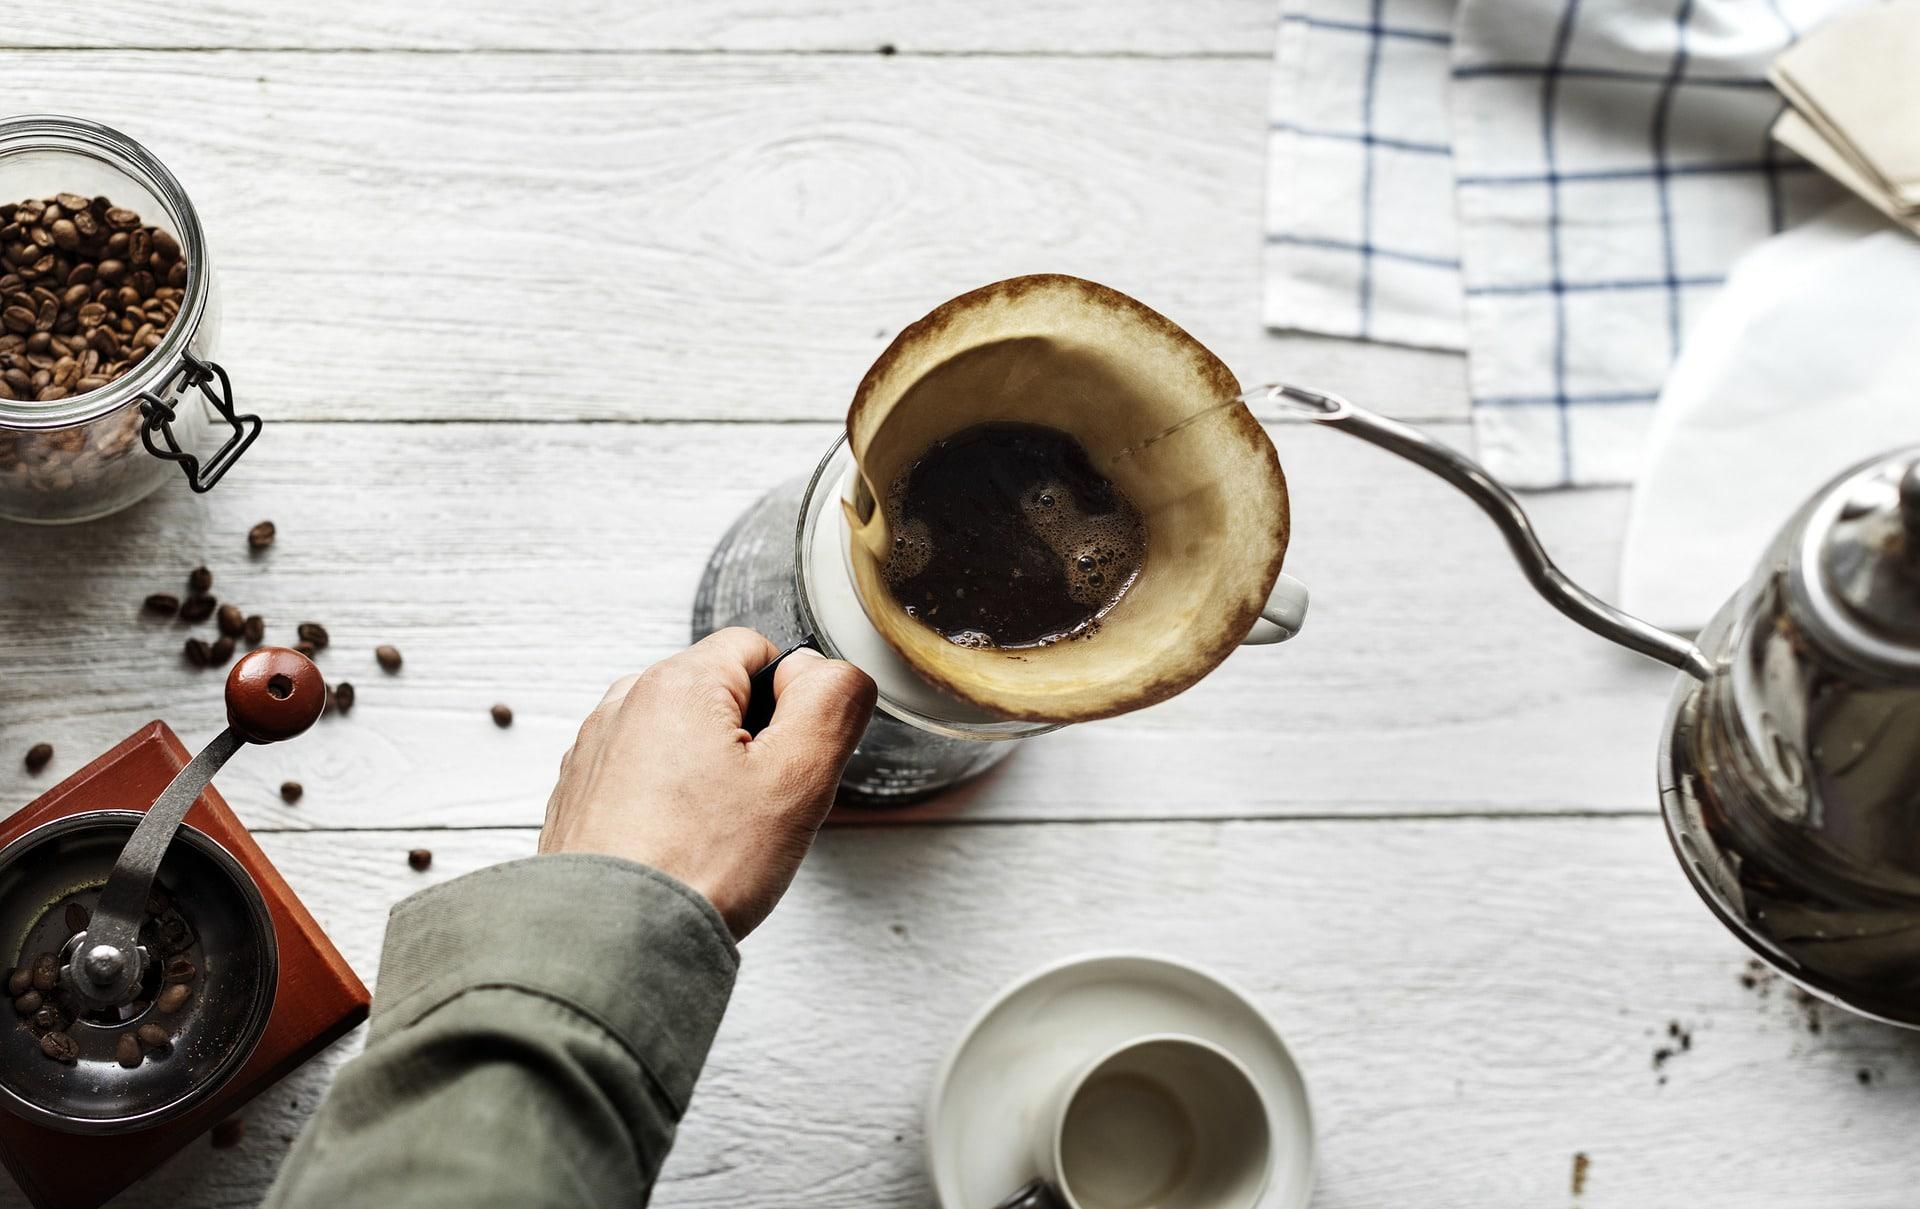 Mann brüht Kaffee mit Filter auf